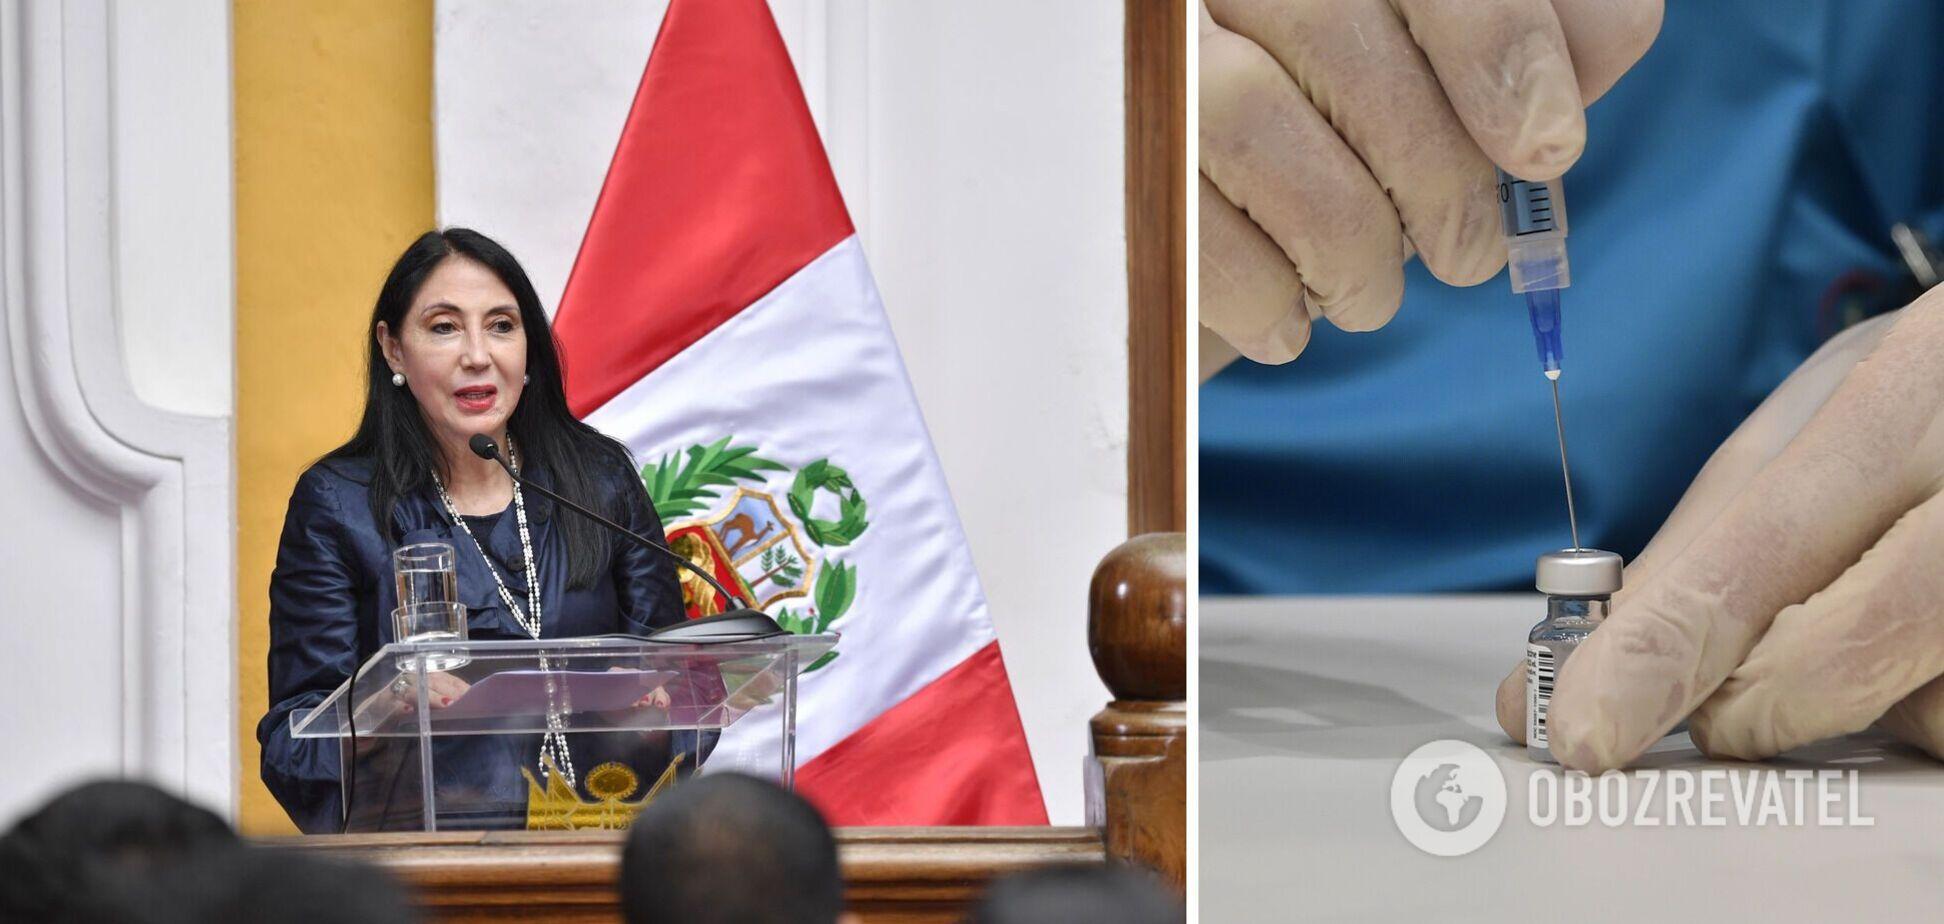 Глава МИД Перу объявила об отставке